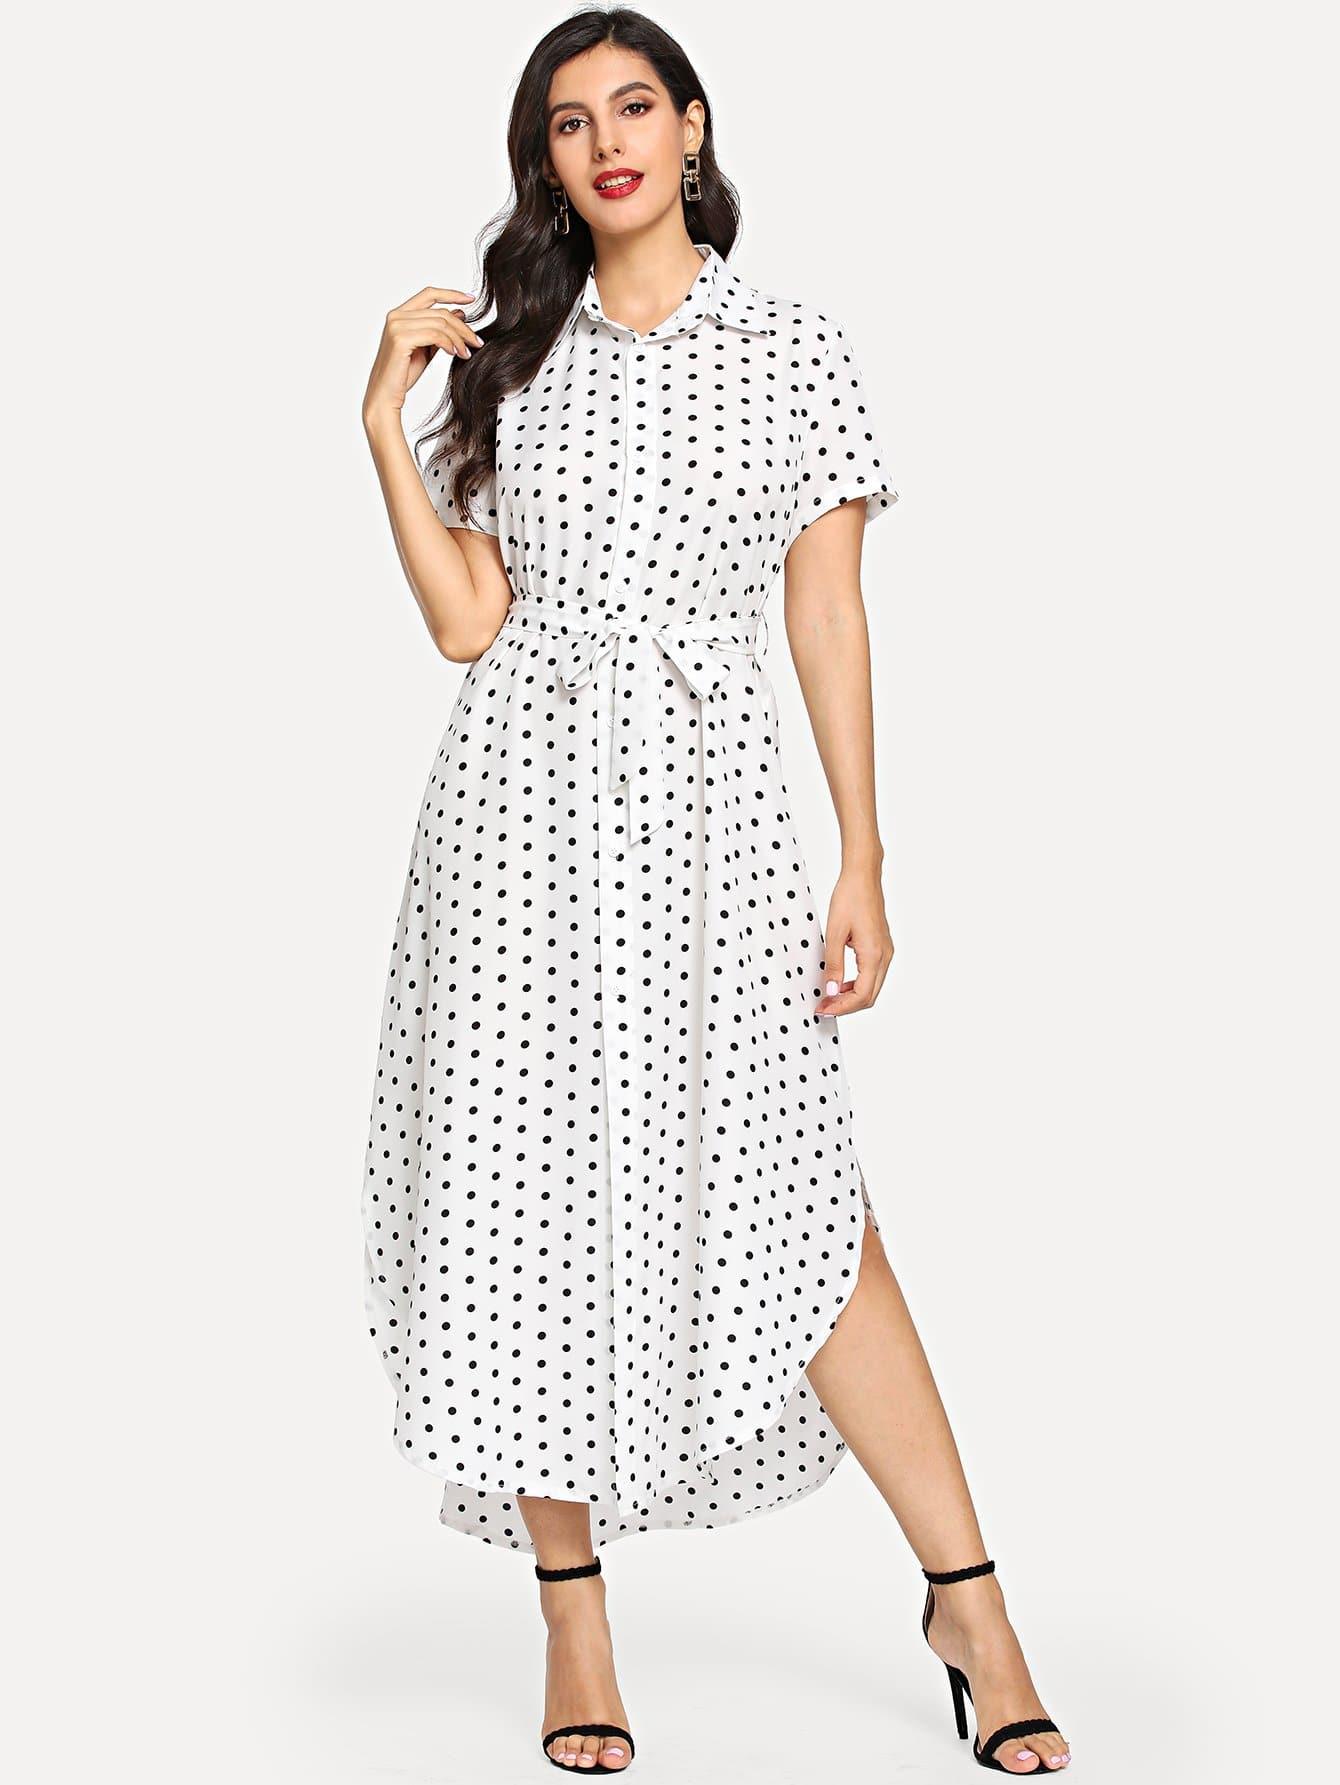 Купить Платье с поясом и с рисунками точки польки, Jeane, SheIn